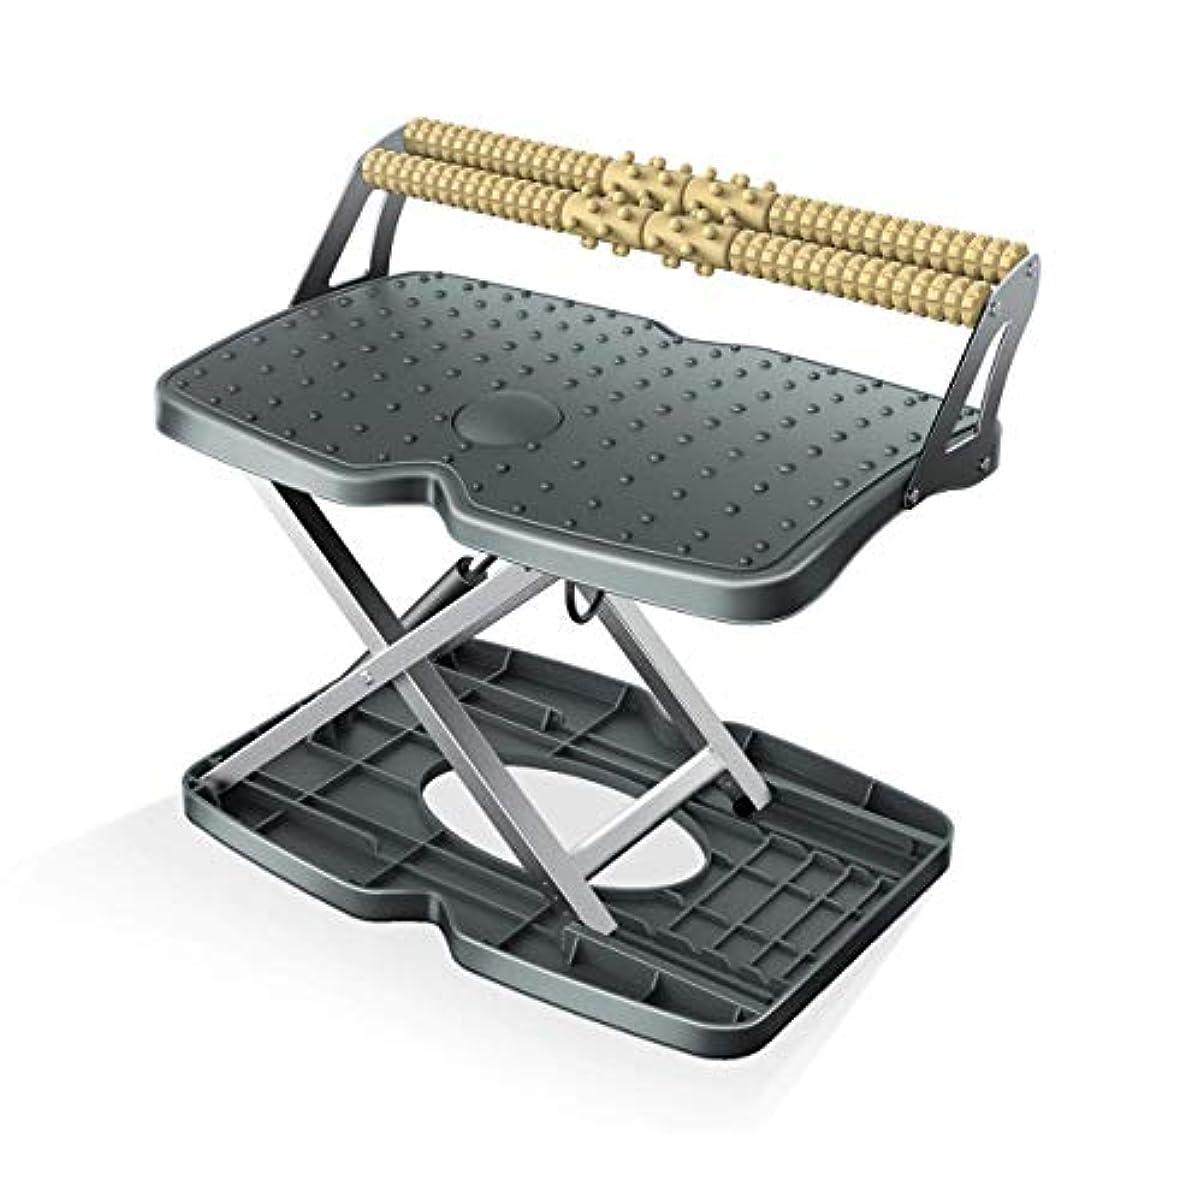 橋脚顧問性的調節可能なフットレスト - 座るための人間工学的ソリューション、机の下の足置き、高さと角度の調節可能な足置き、旅行やオフィスでのマッサージ